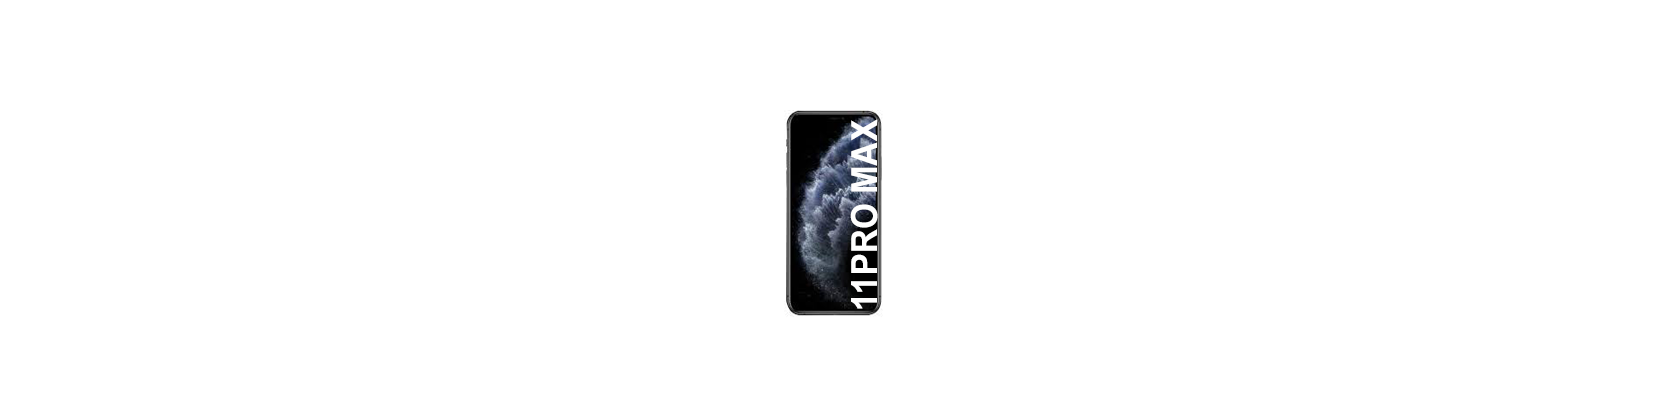 iPhone 11 Pro Max A2220 A2161